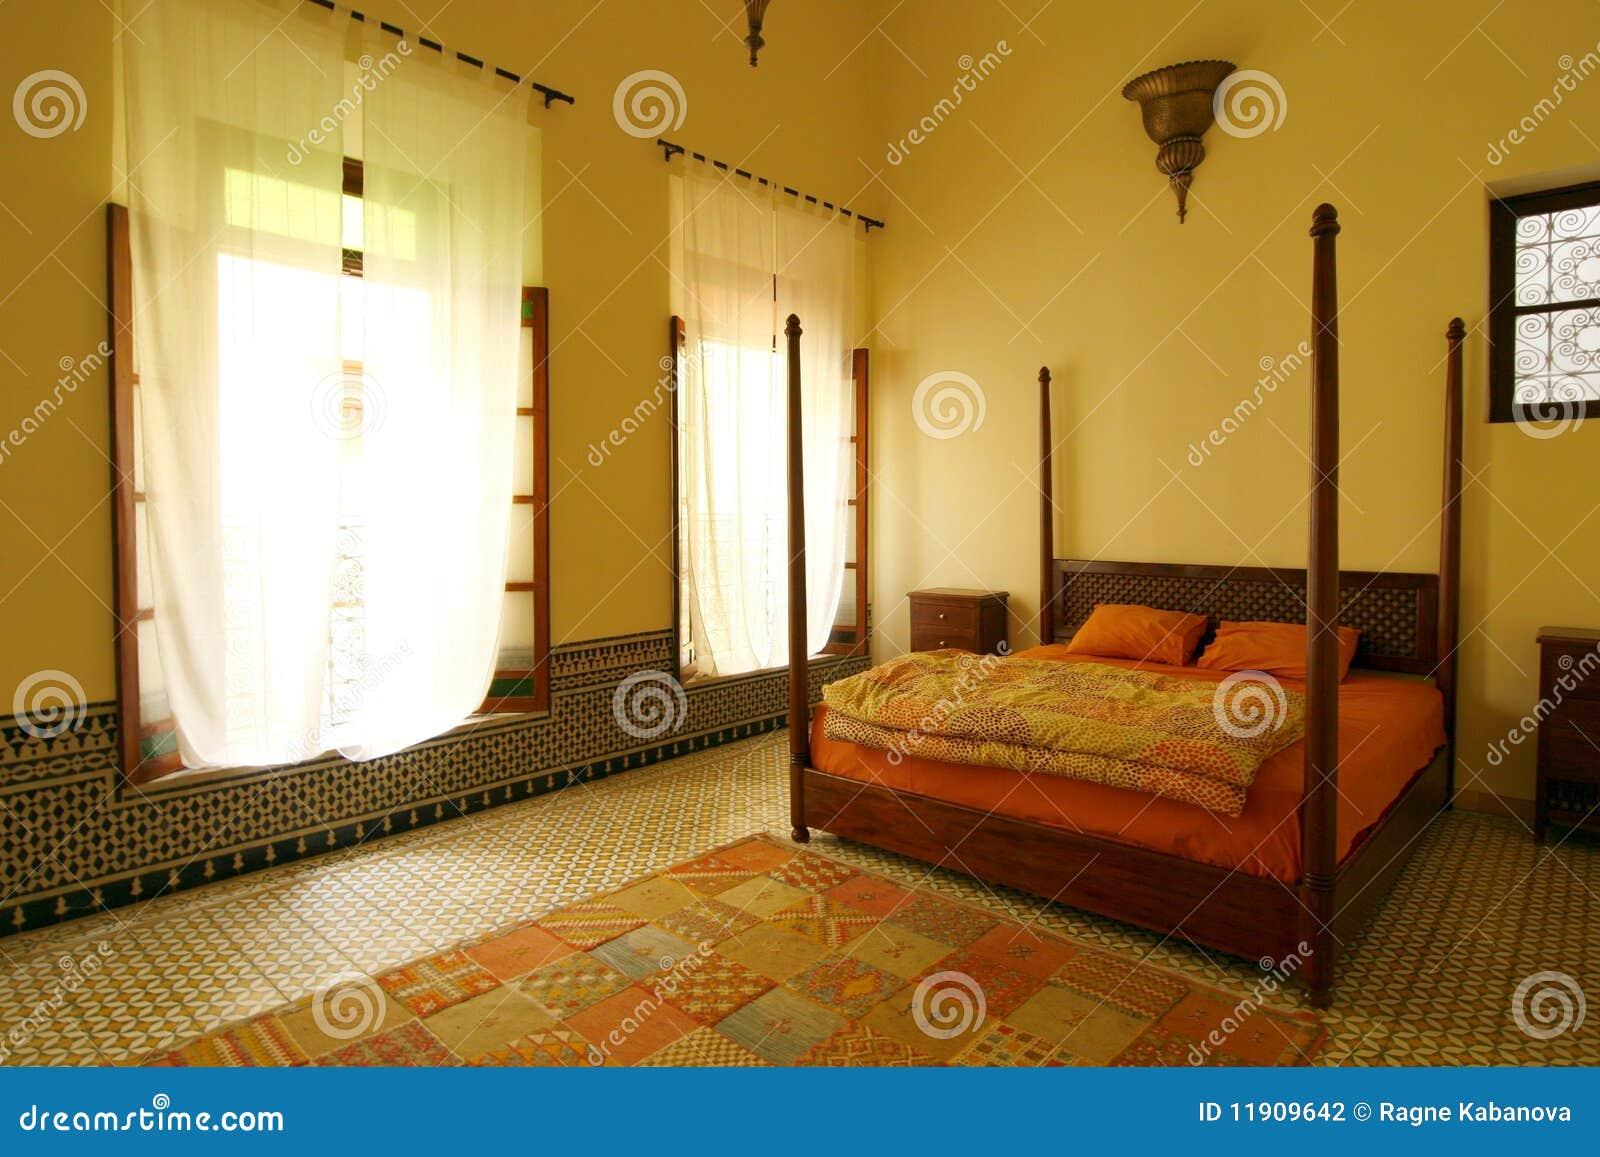 Belle chambre coucher arabe authentique maroc for Belle chambre coucher